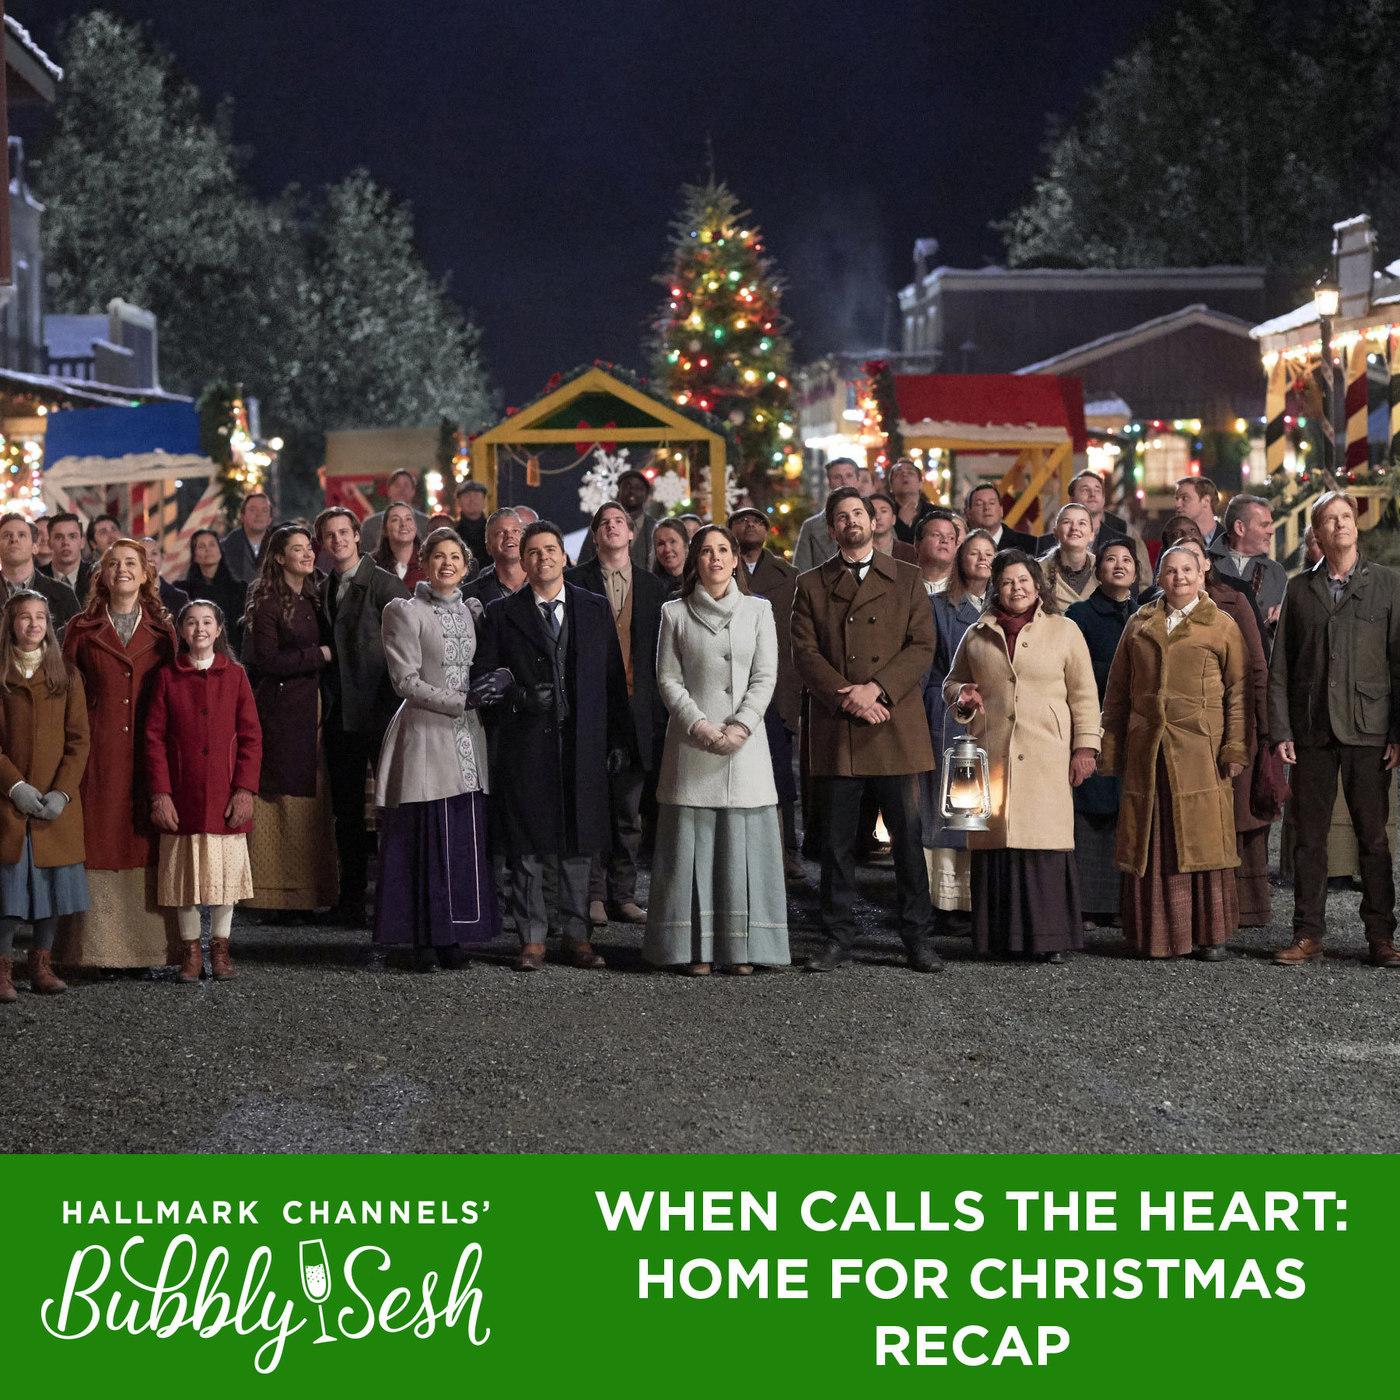 When Calls the Heart: Home for Christmas Recap